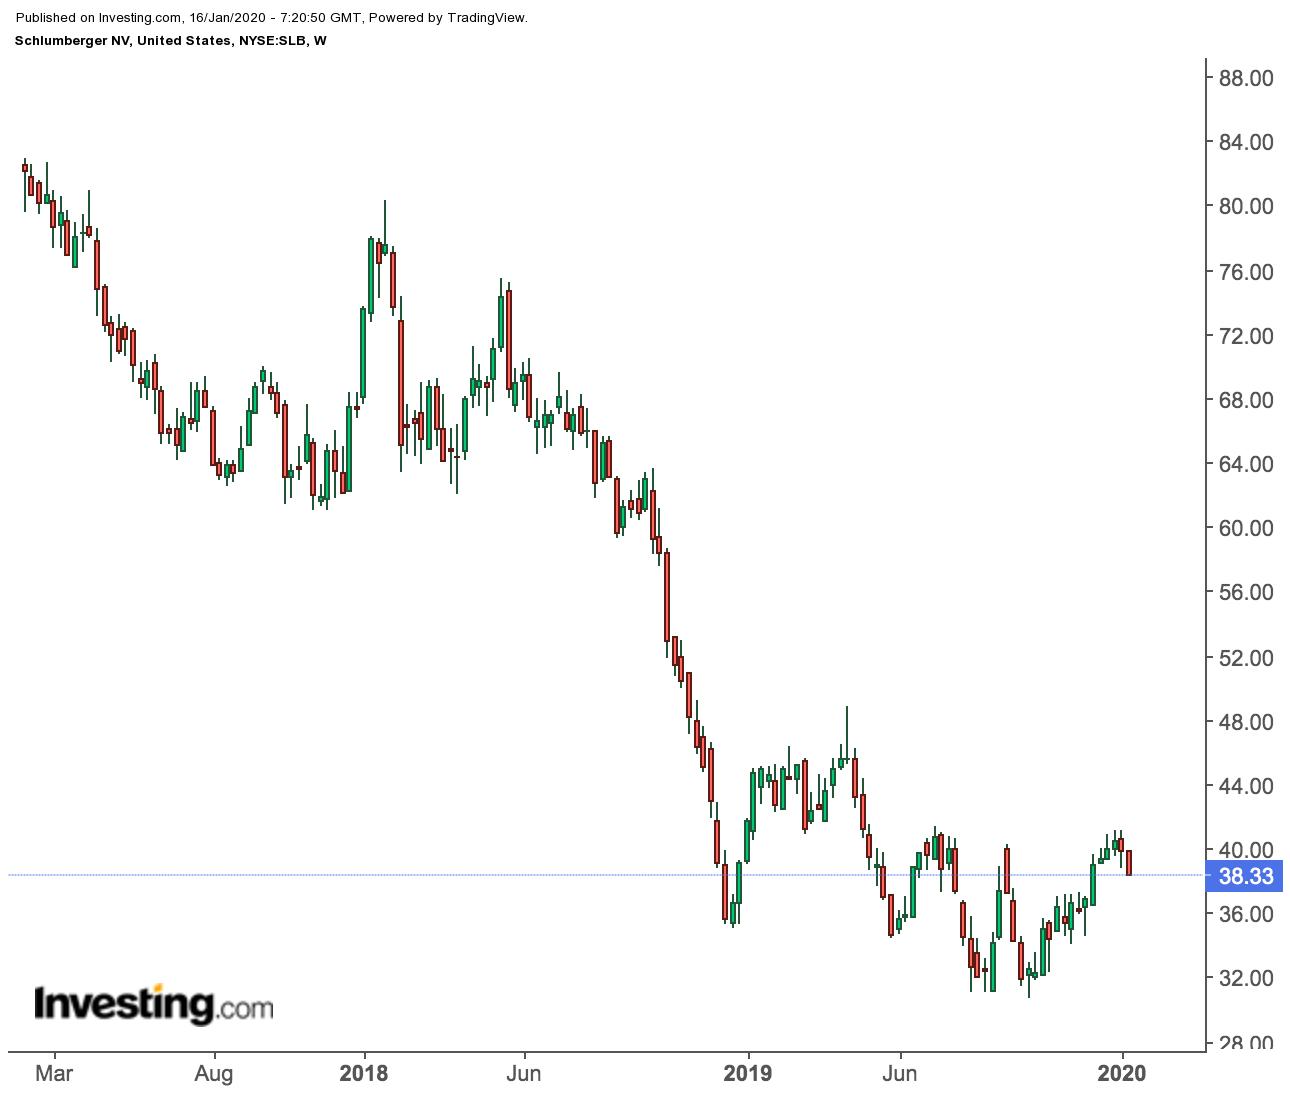 Прогноз по Schlumberger: проблемы остаются, несмотря на ралли акций